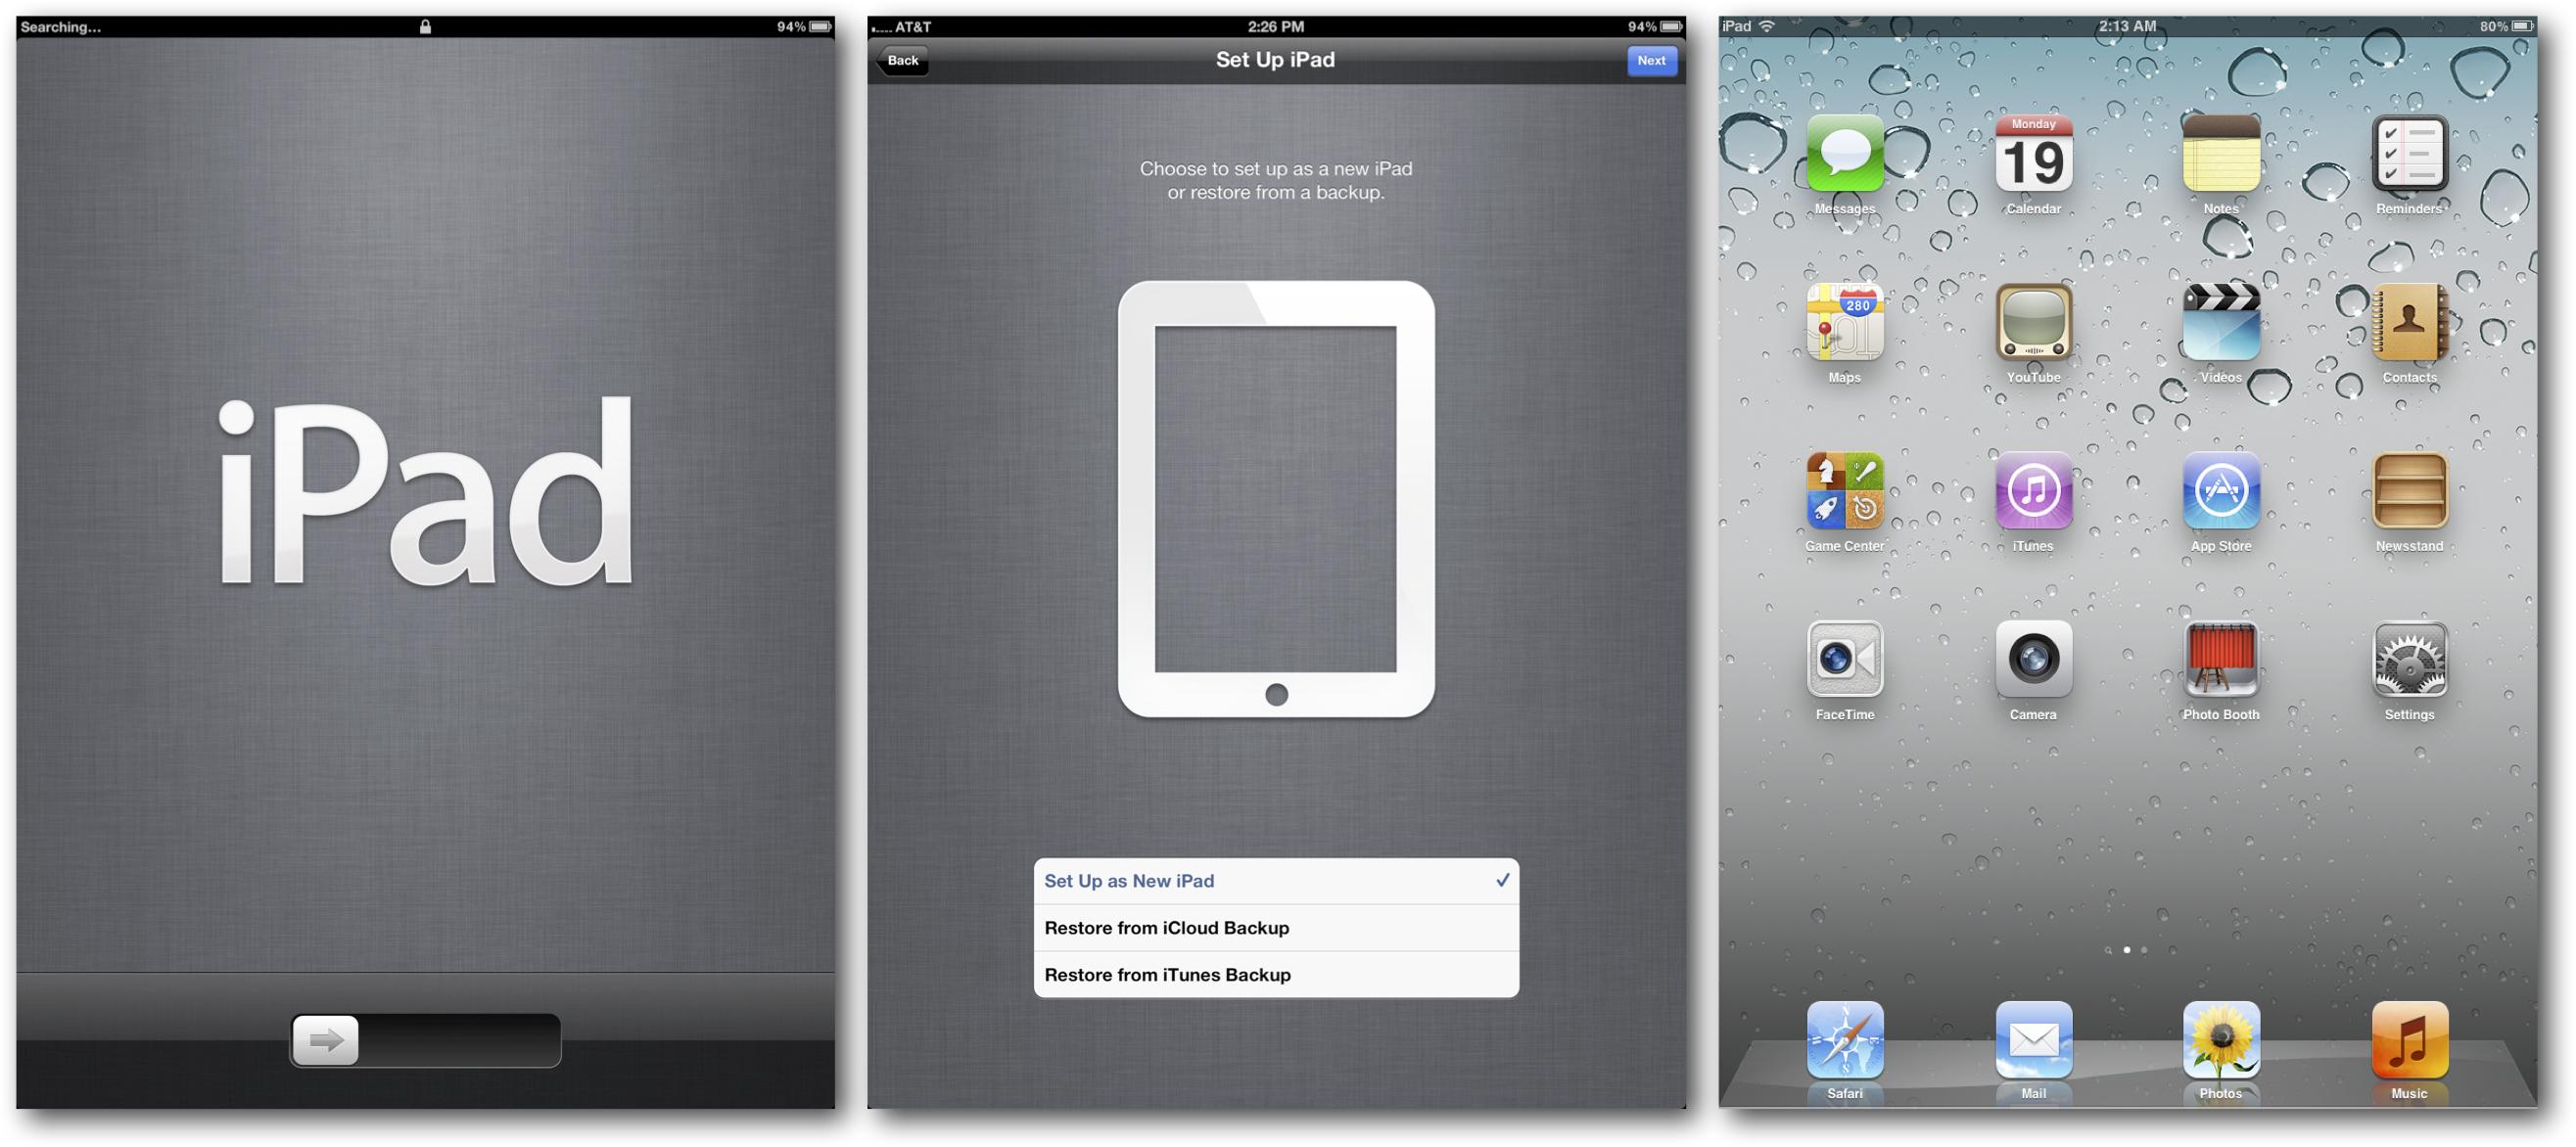 Setup New iPad